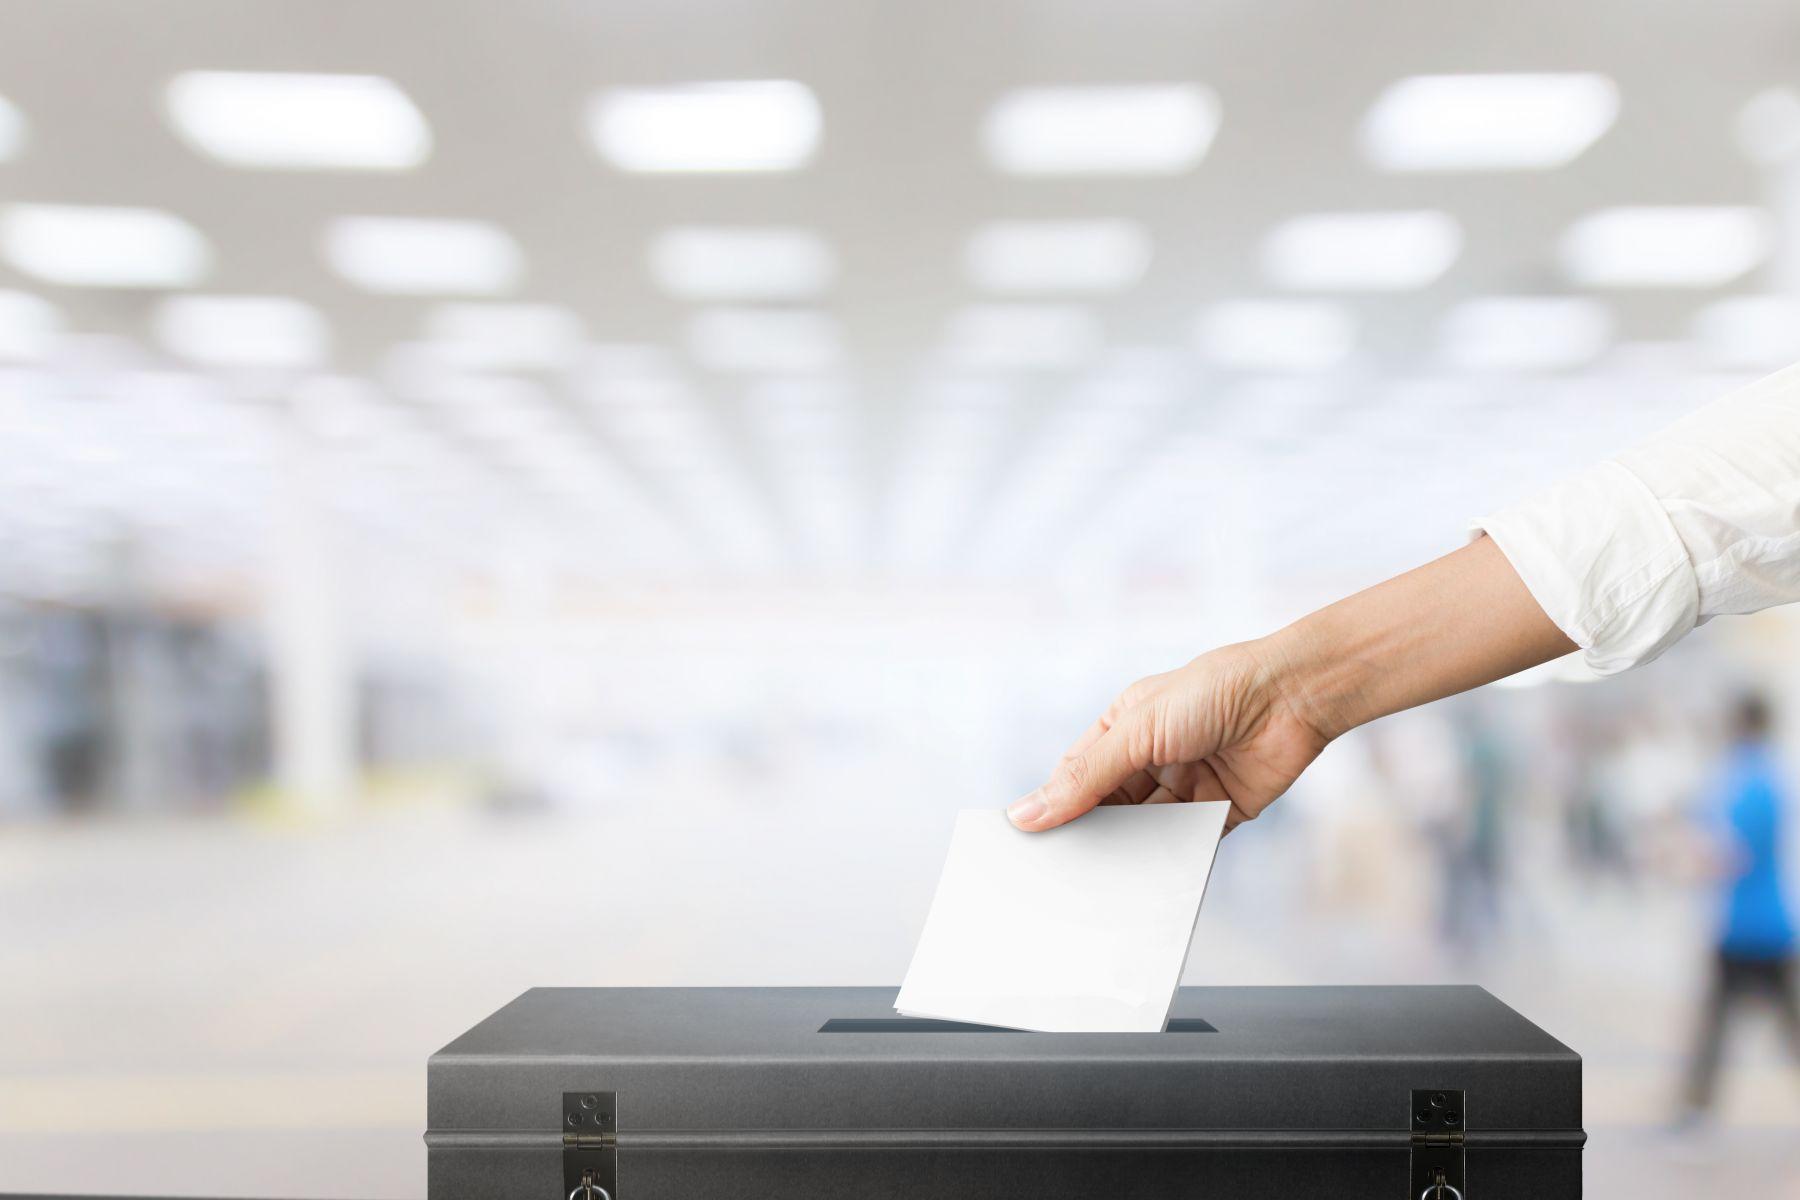 【懶人包】選舉綁公投好複雜?1分鐘看懂票要怎麼投